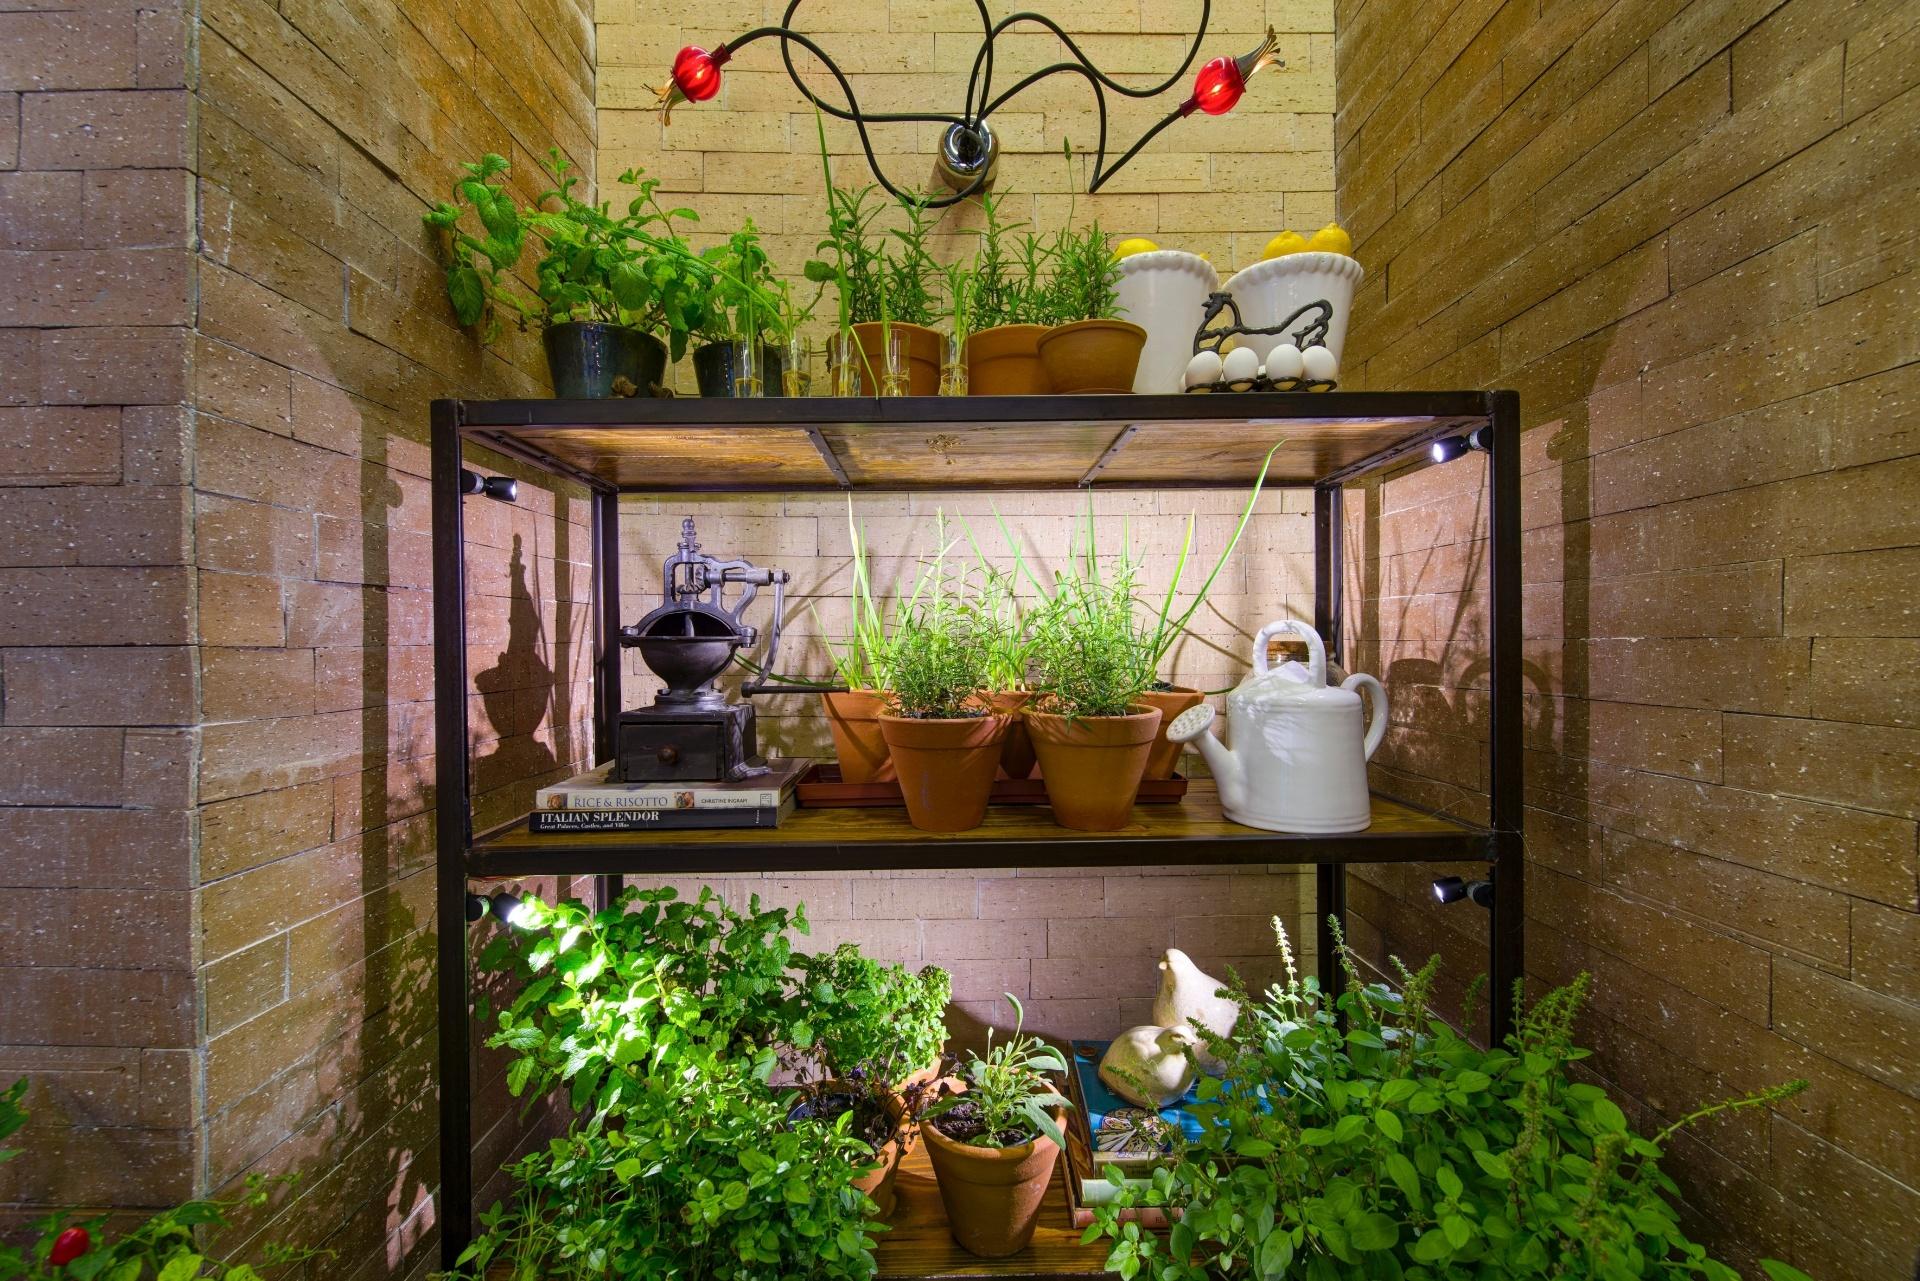 Charme e frescor da horta de temperos ou do cantinho verde - No espaço Cozinha e Lavanderia, Adriana Giacometti colocou vasinhos com temperos sobre uma estante baixa e antiga